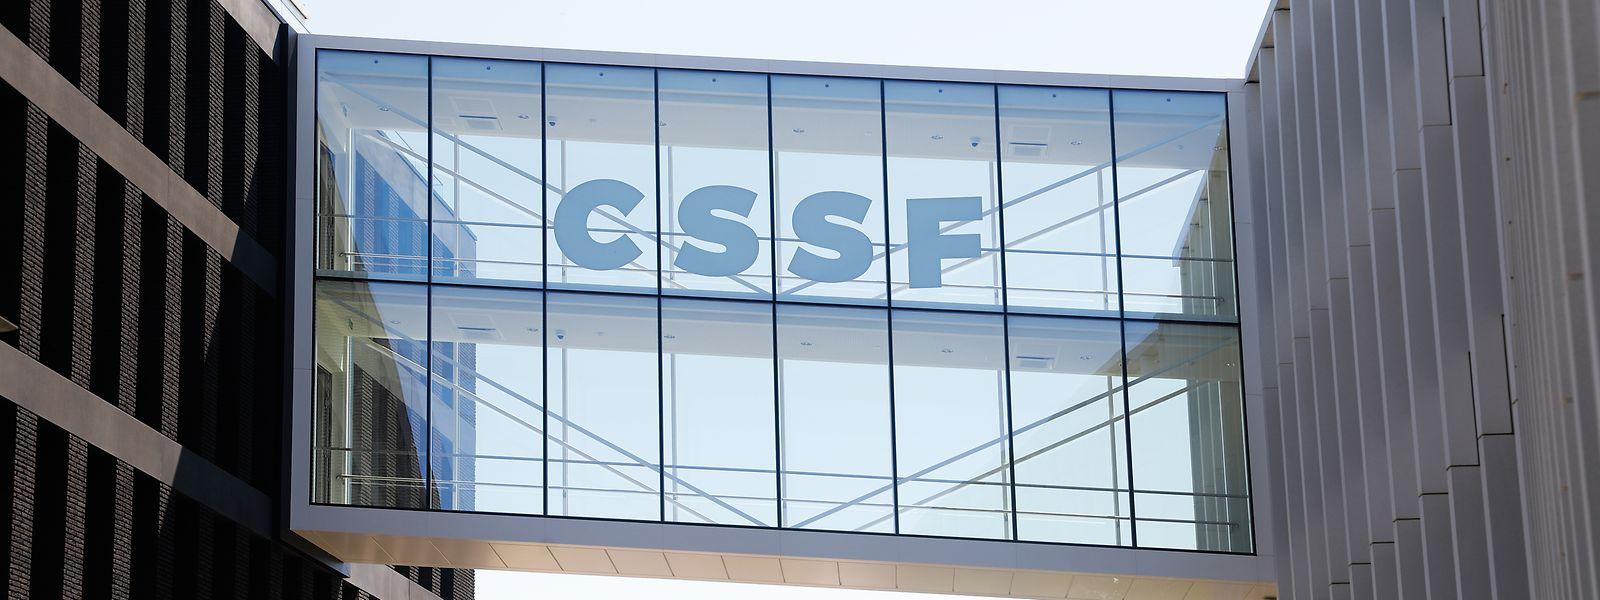 """Von der Qualität ihrer Arbeit hängt der Ruf des Finanzplatzes ab. Die """"Commission de surveillance du secteur financier"""" (CSSF) überwacht Banken, Investmentfonds, Finanzexperten und Wirtschaftsprüfer."""